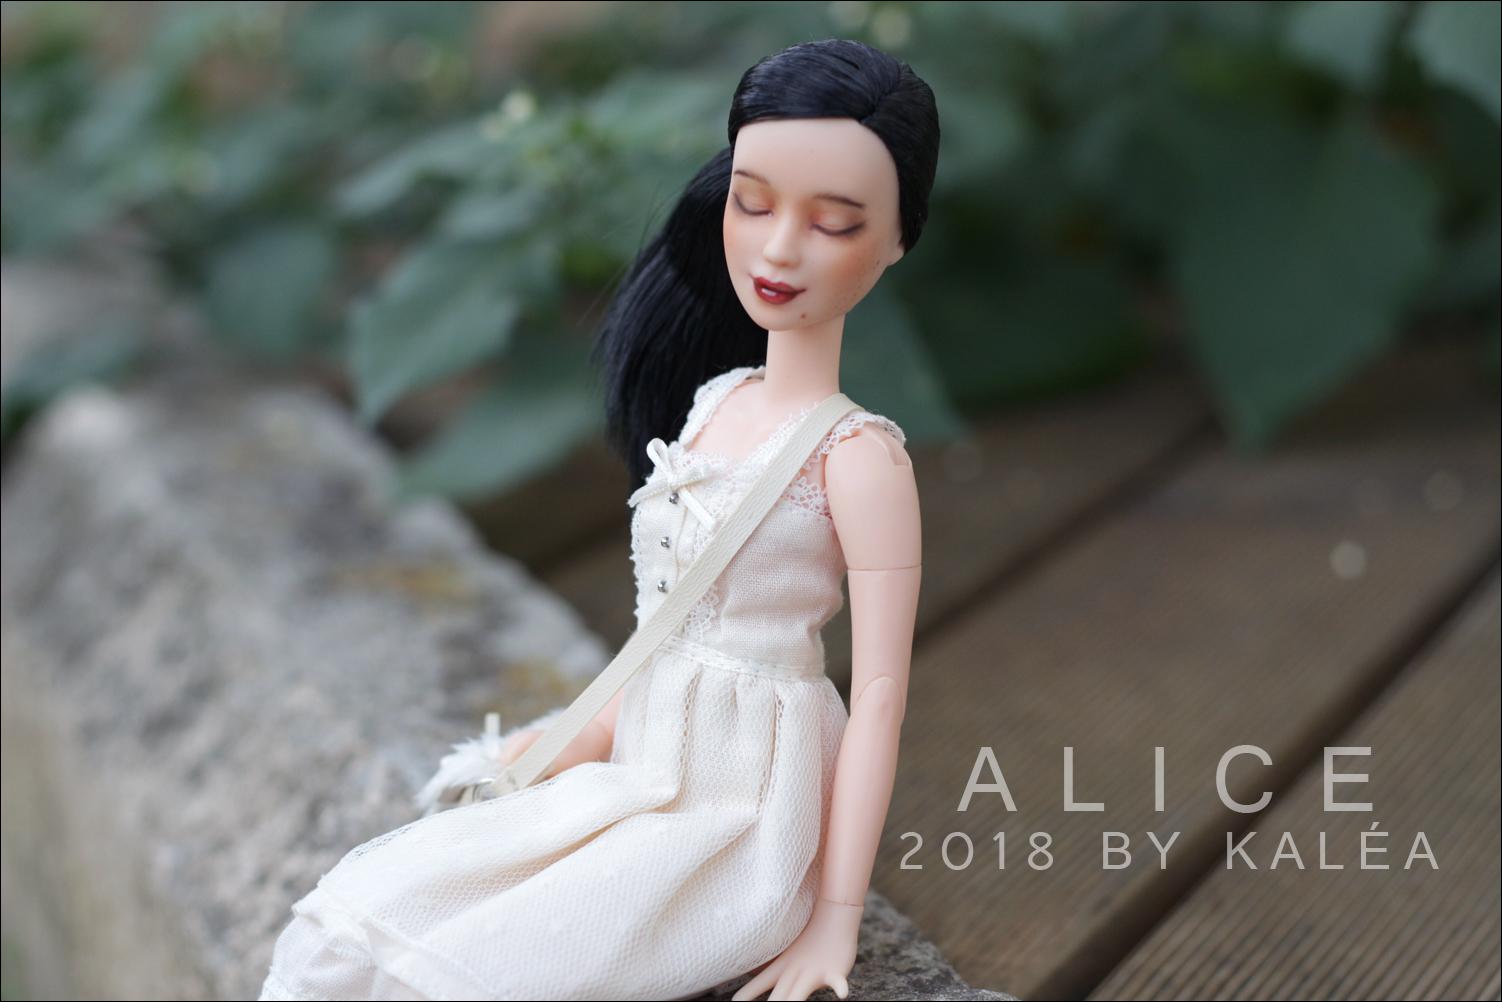 VENDS - Pure neemo, barbie repaint prix baissé - Pullip FC 180802024343958942